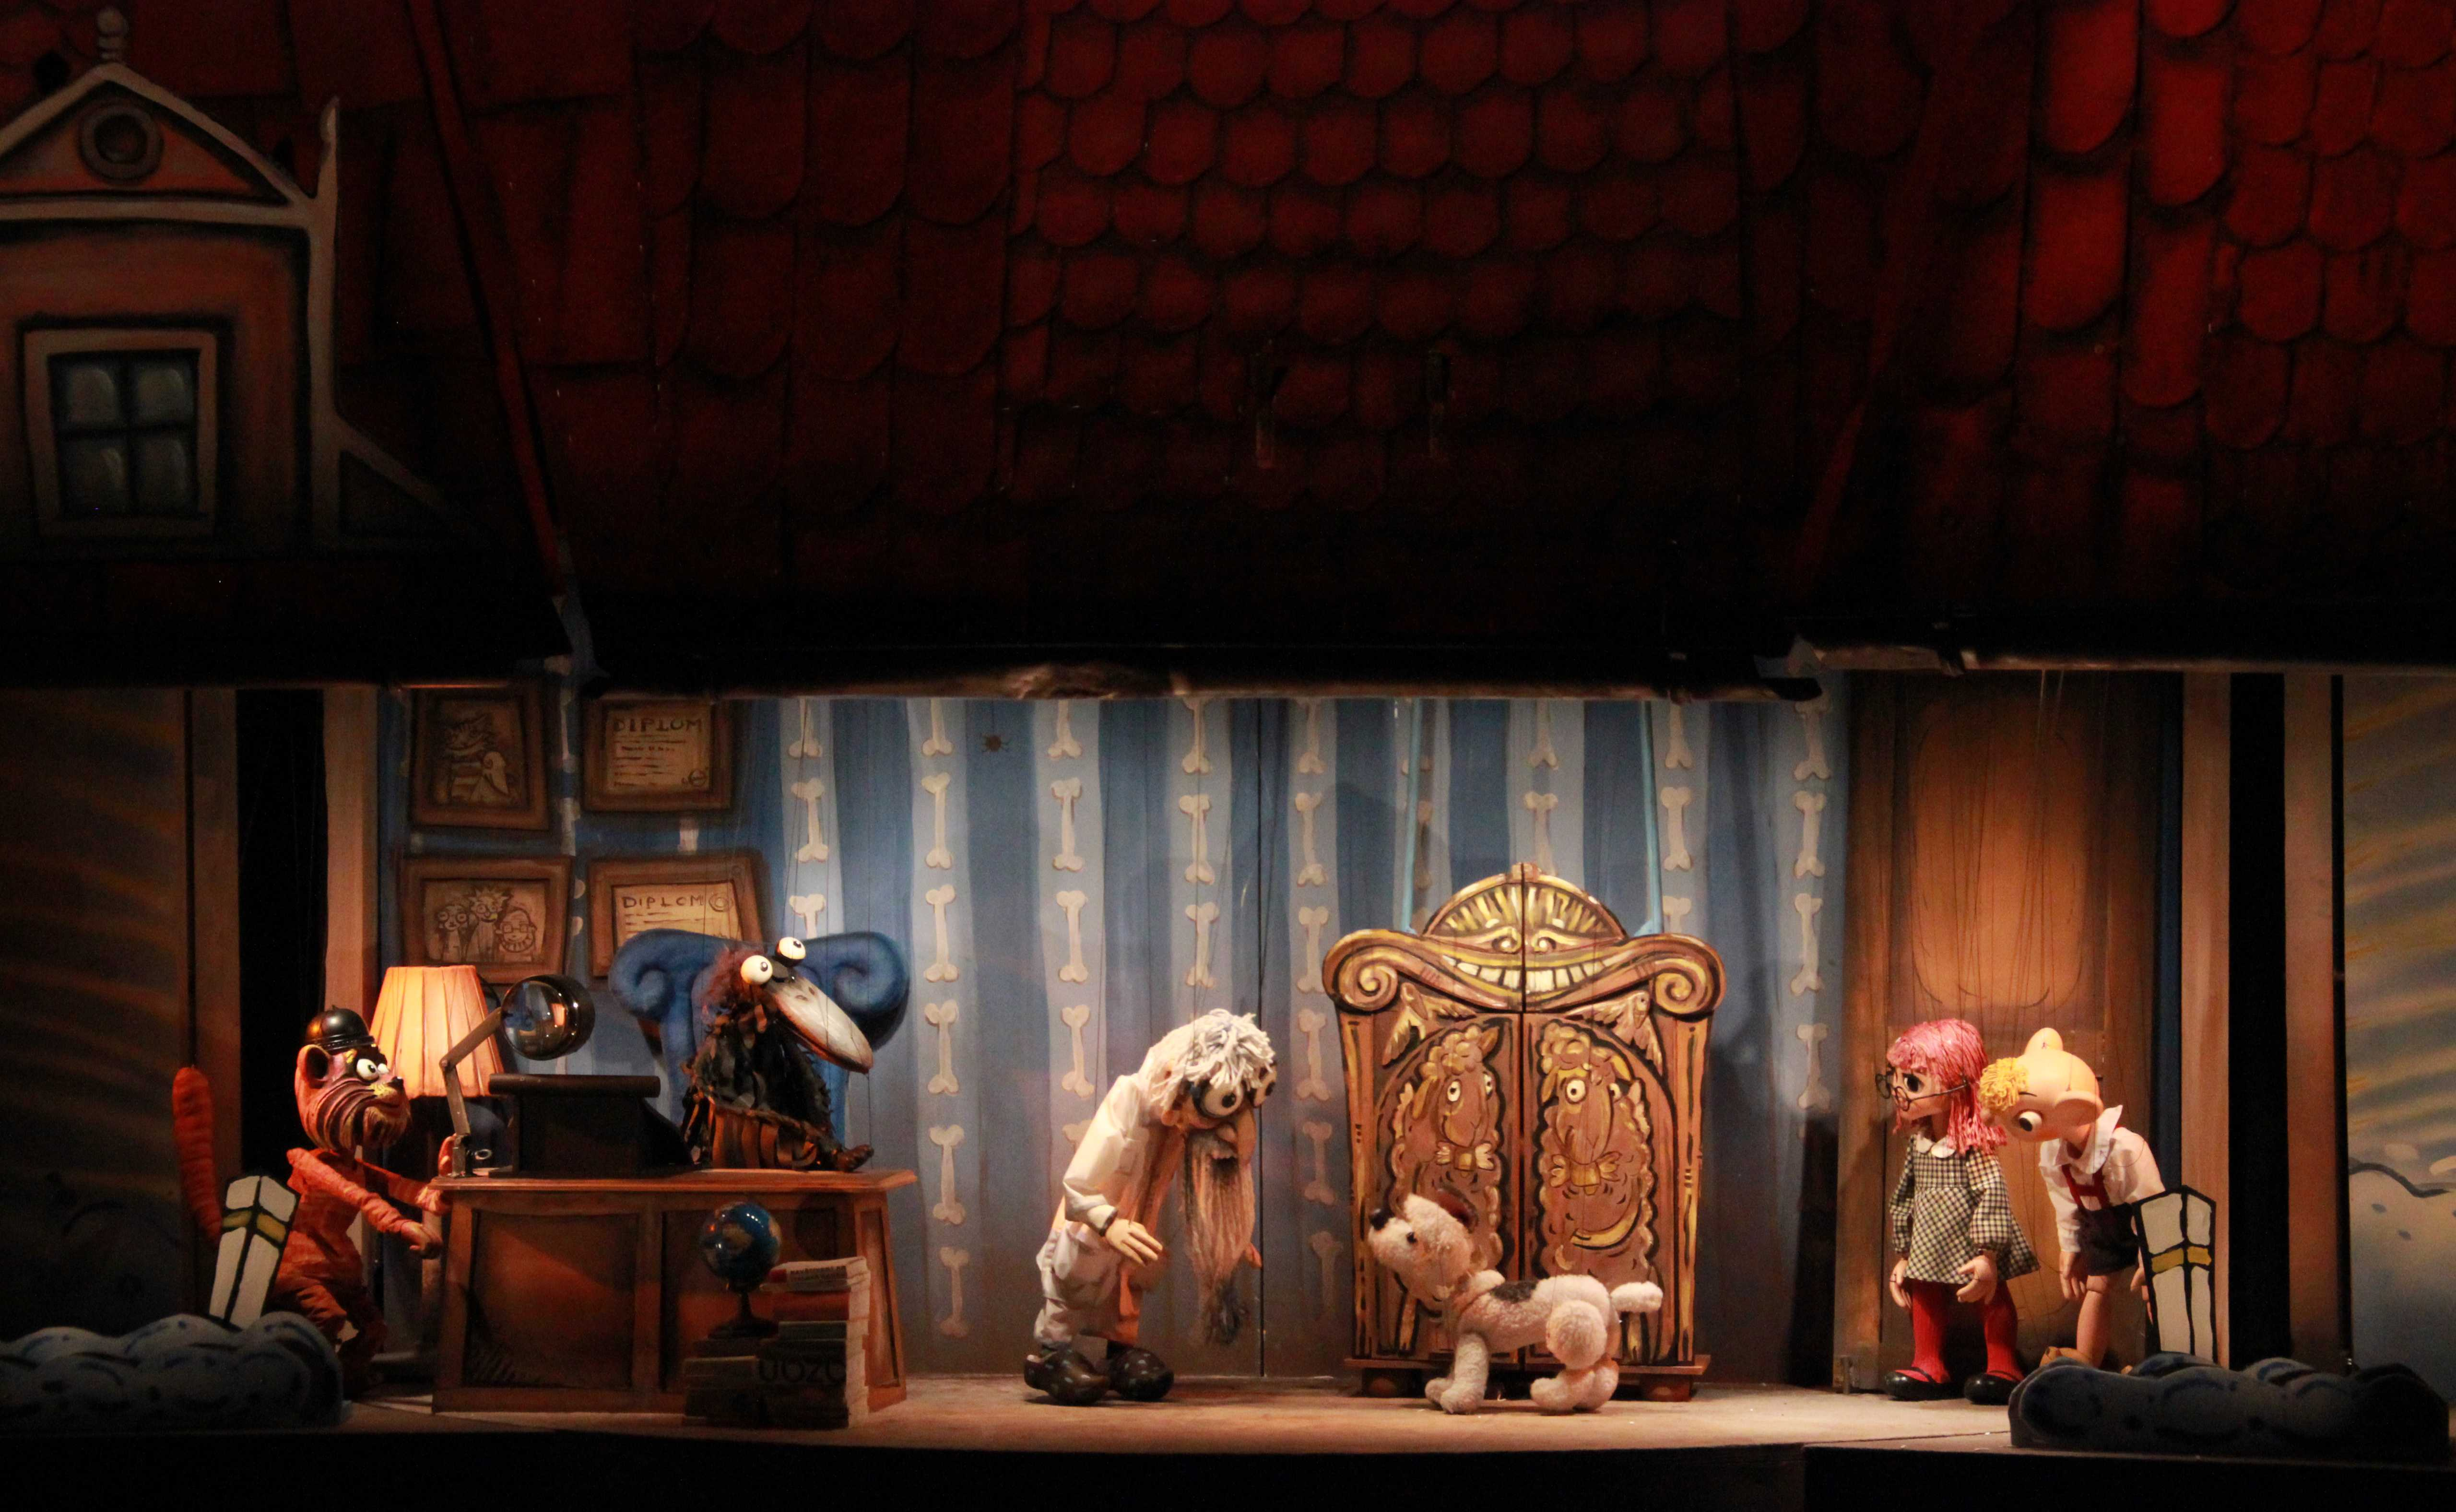 <em>Hurvínkova nebesíčka</em> (2013) par Divadlo Spejbla a Hurvínka (Prague, République tchèque), mise en scène : Ondřej Lážnovský, conception / scénographie : Denisa Abrhámová-Grimmová. Photo: Denisa Kirschnerová